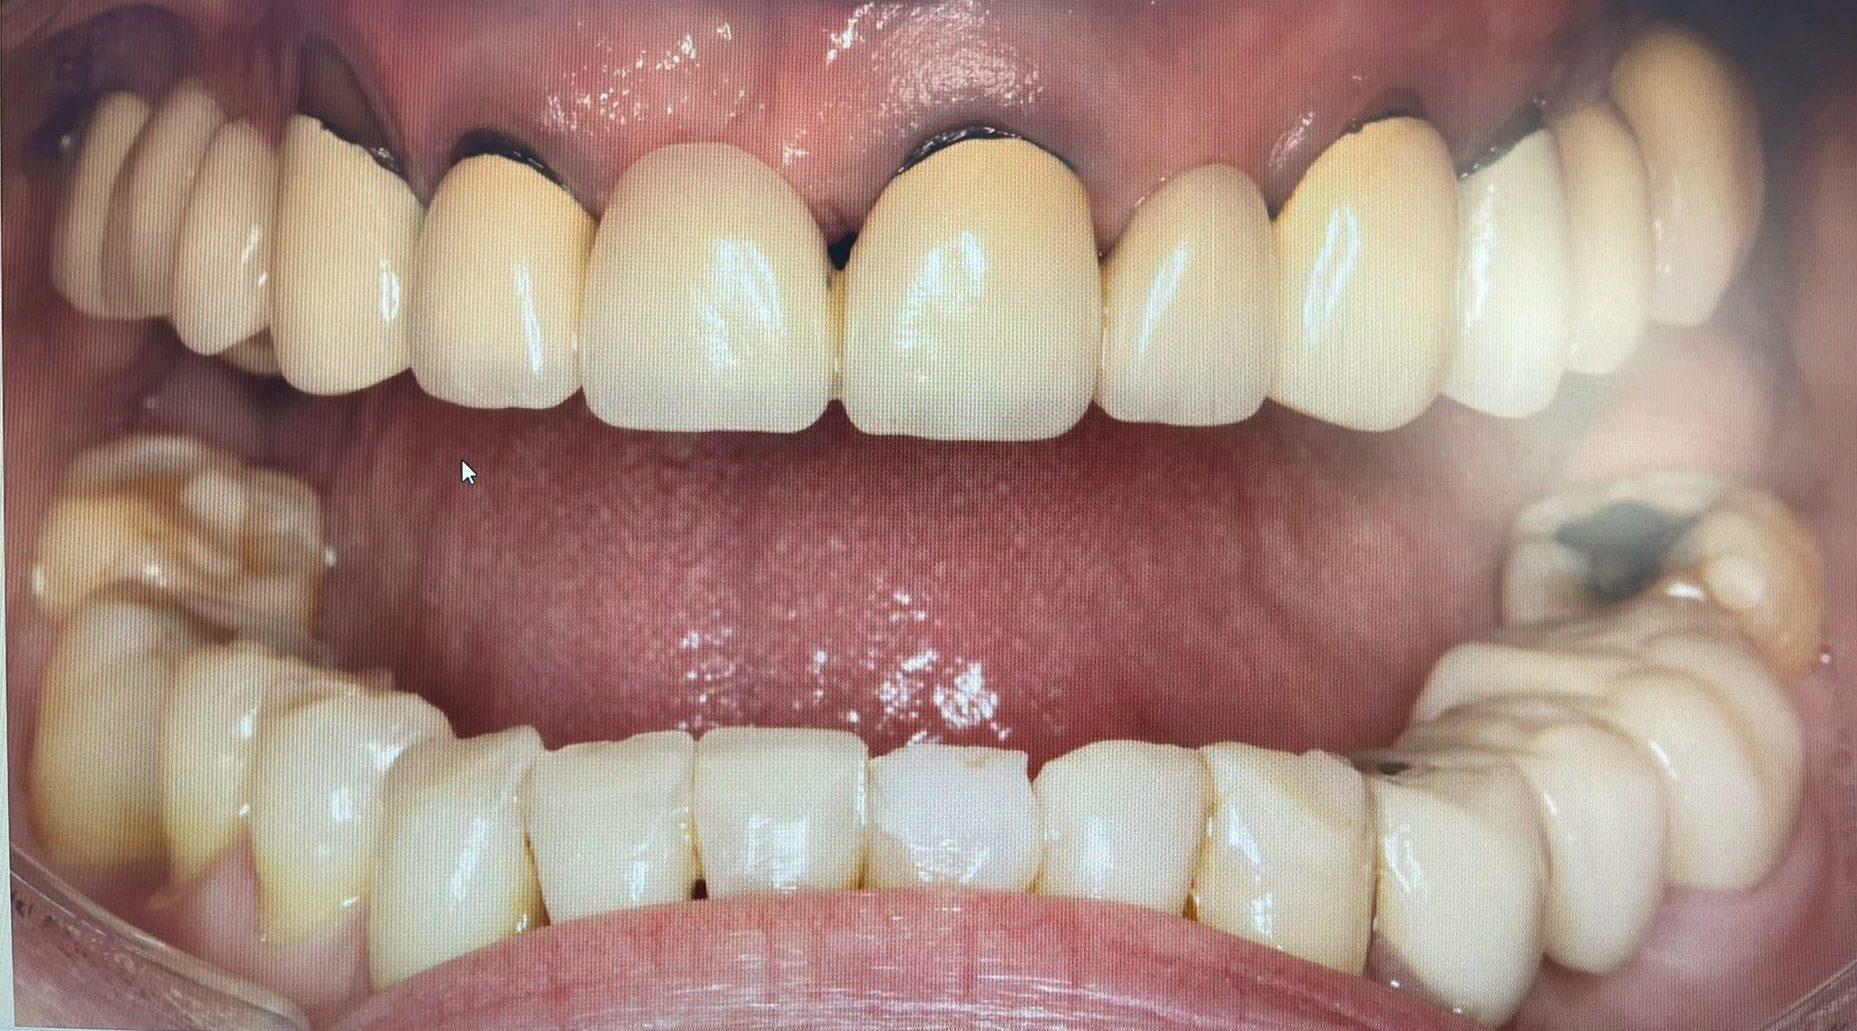 Paciente real con necesidad de cambio de prótesis para mejorar su sonrisa.